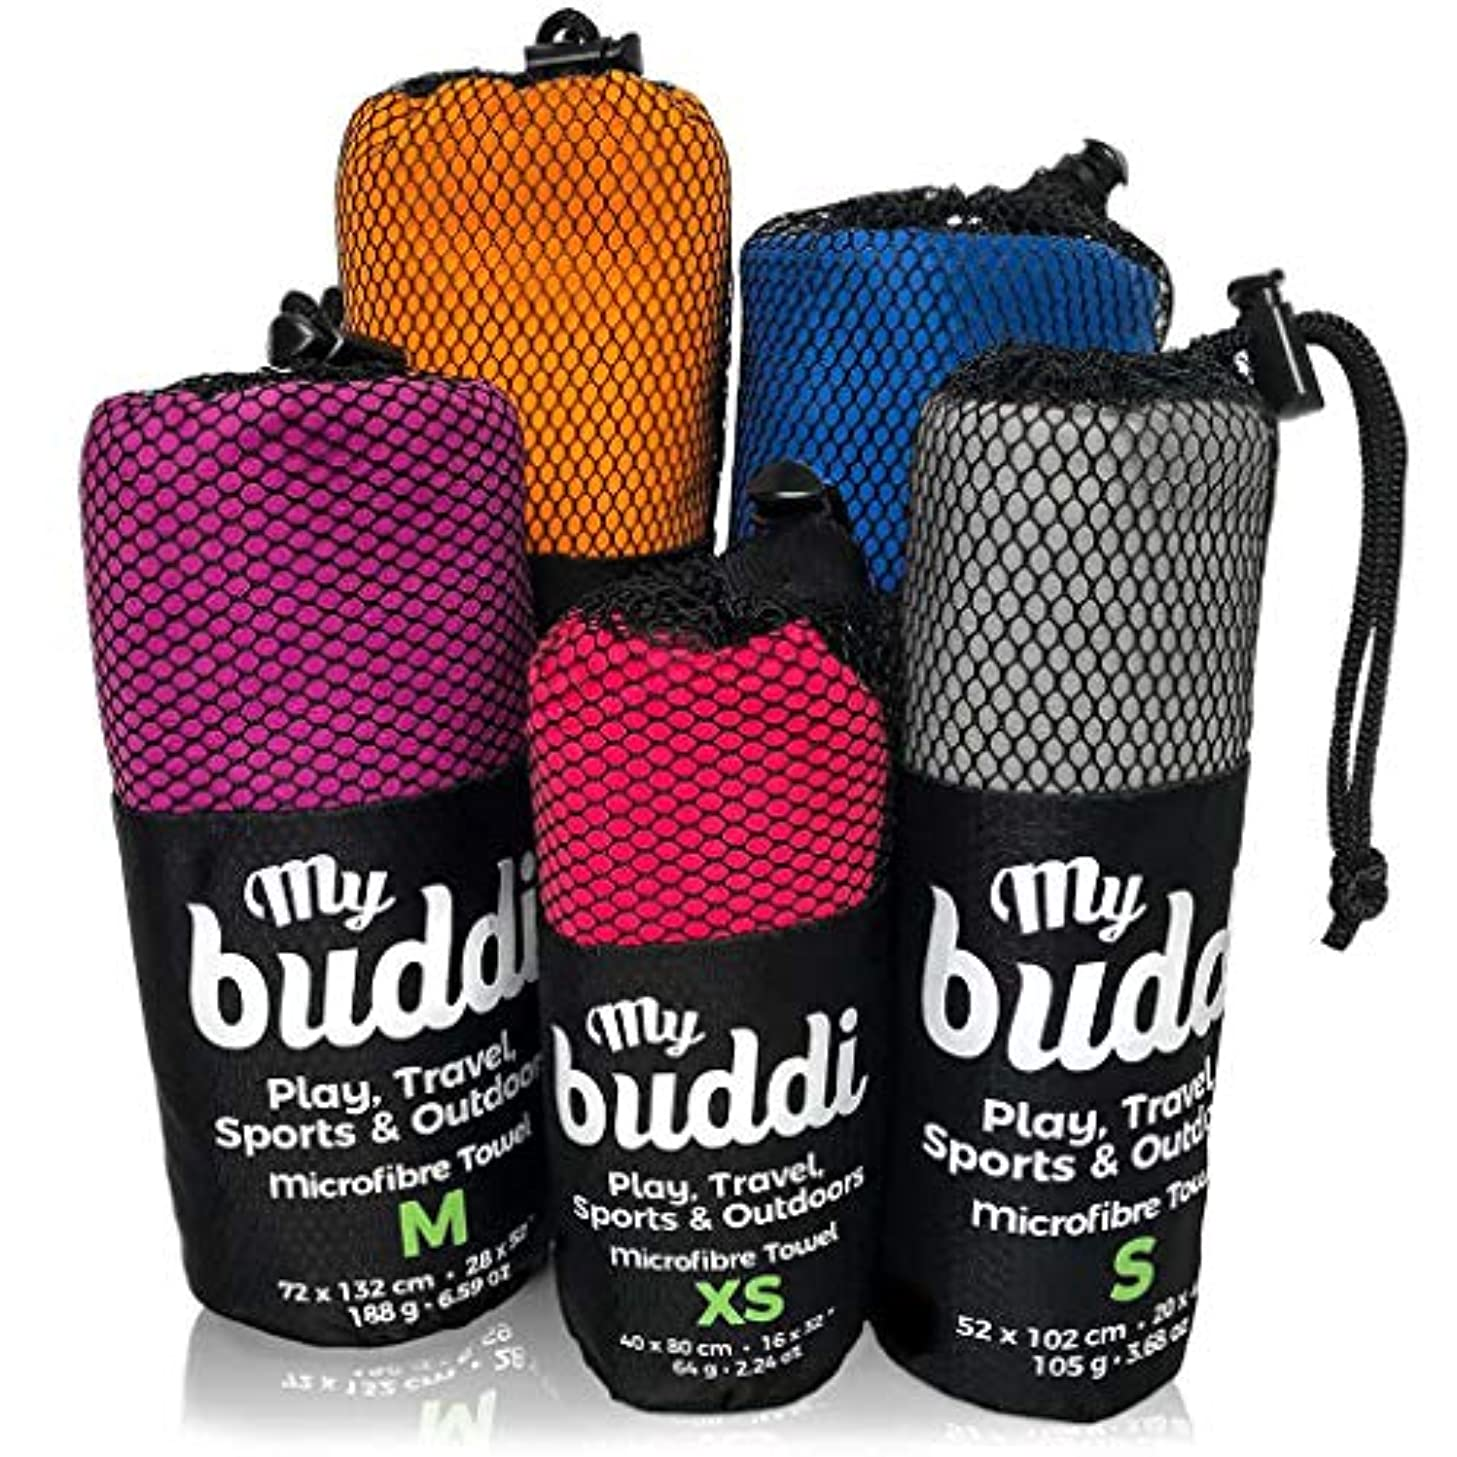 へこみセッションいわゆるマイクロファイバータオルby mybuddi – 品質スポーツ&トラベルタオル。ACEビーチタオルすぎます。ヨガの、ワークアウト、キャンプ、アウトドア。uBerライト&吸収性。xs-s-m-l-xl – レッド、オレンジ、パープル、ブルー、グレー X-Large (25 x 70 inches) グレー